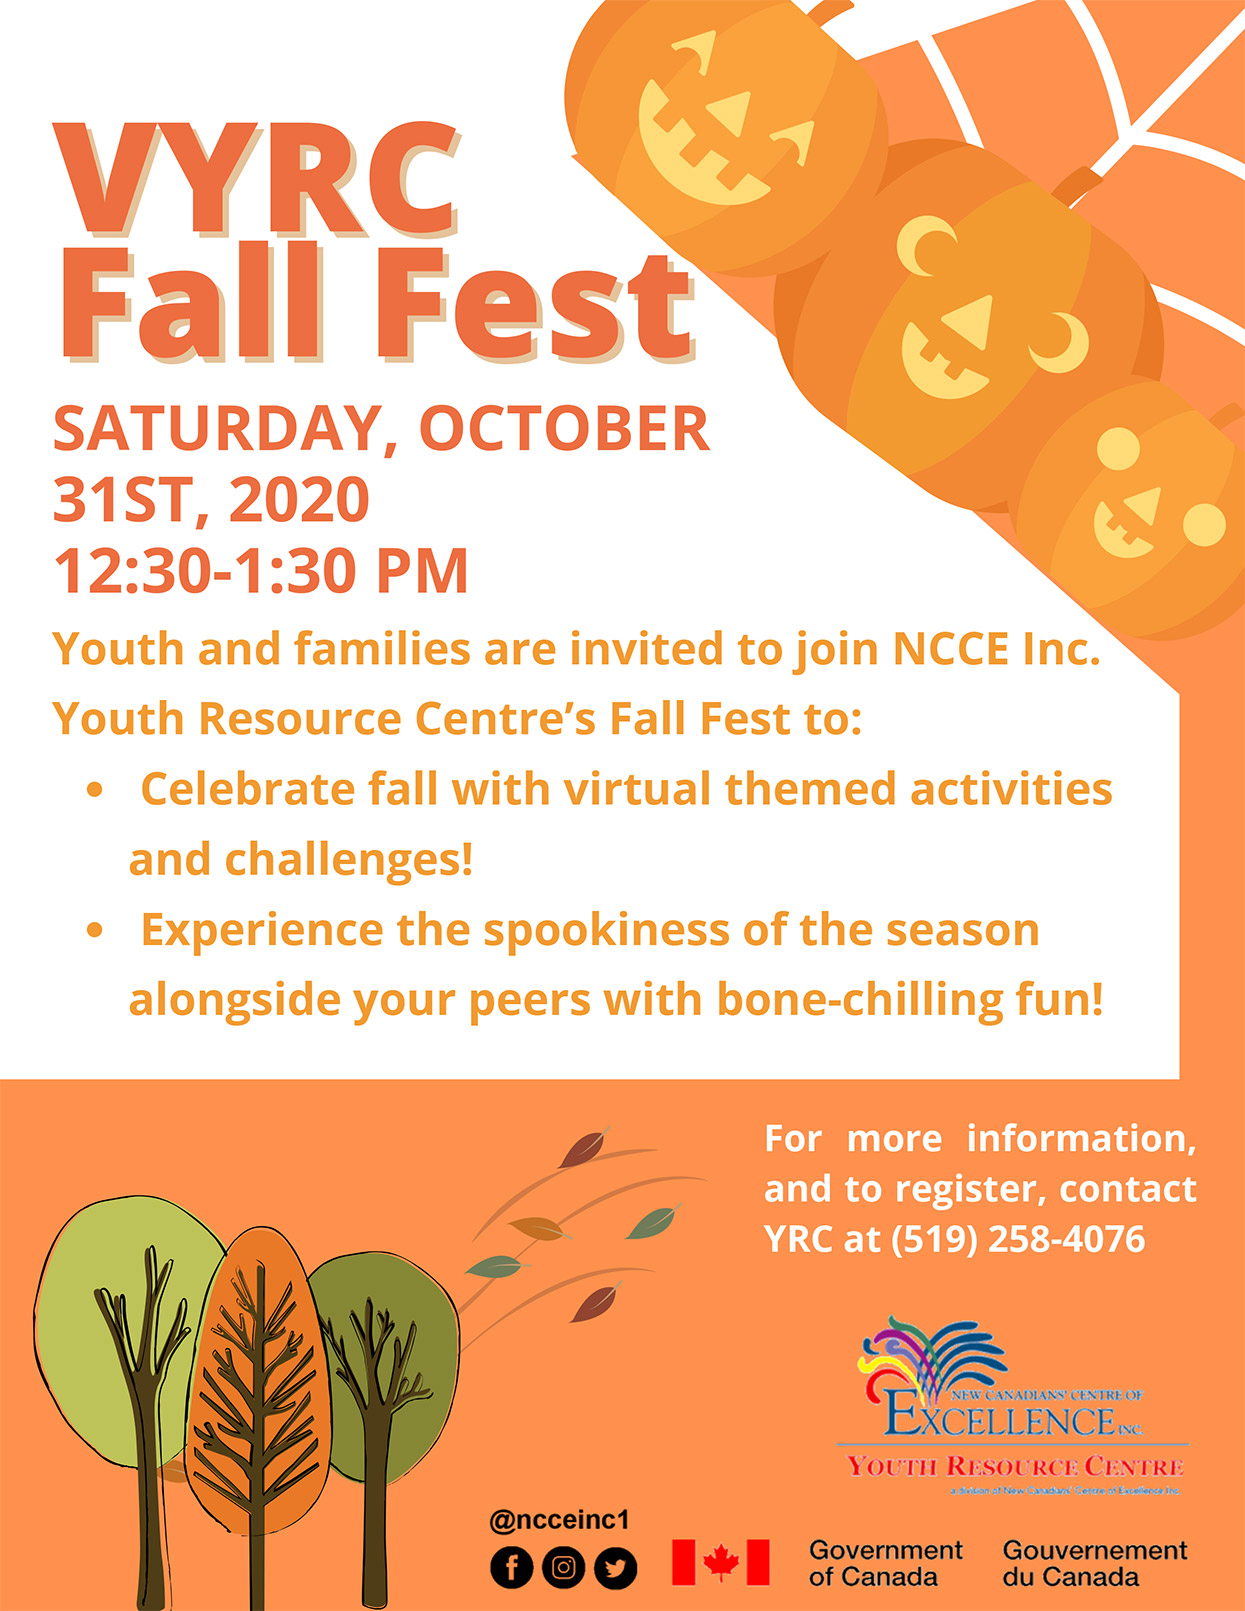 VYRC Fall Fest